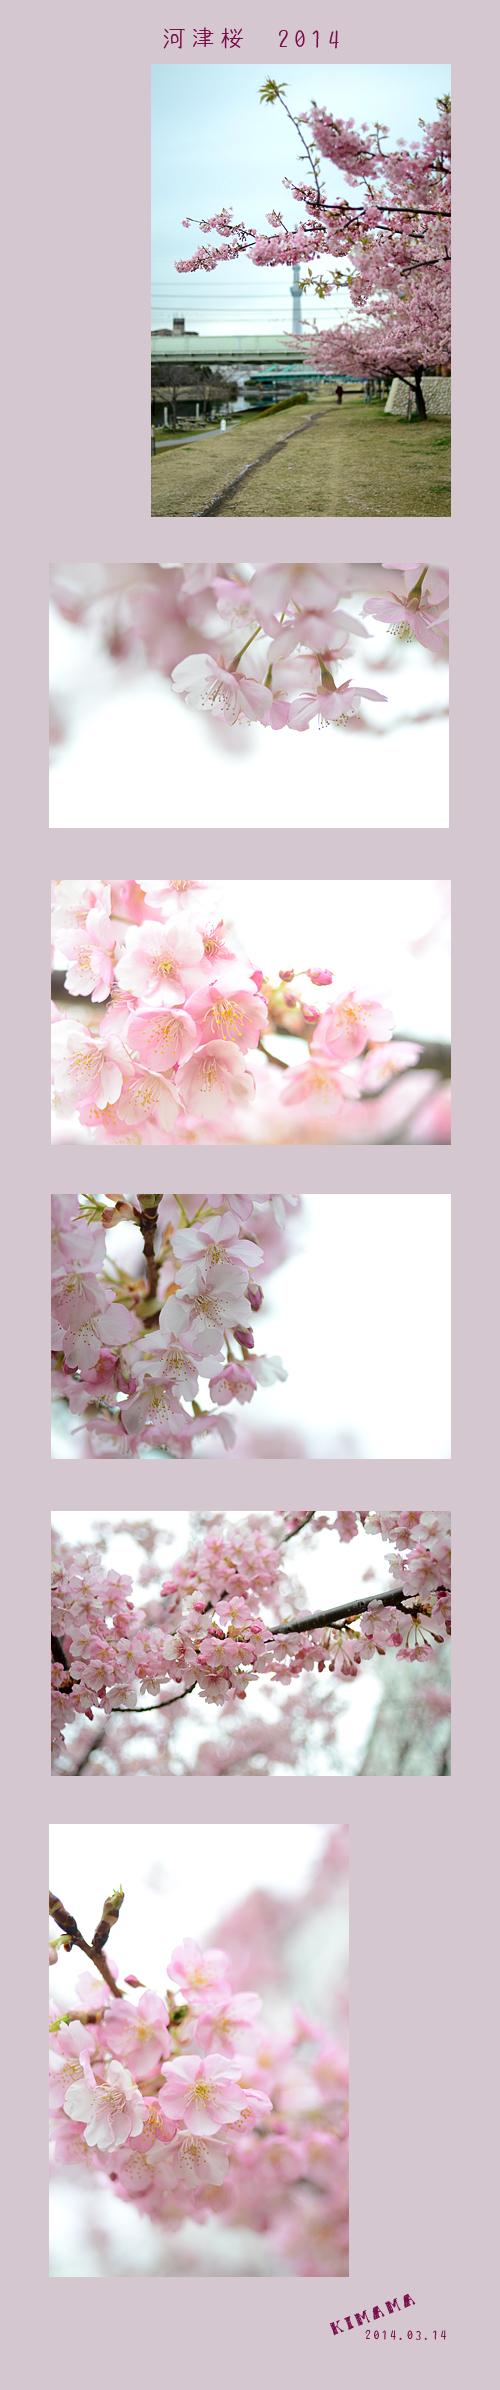 4月3日河津桜